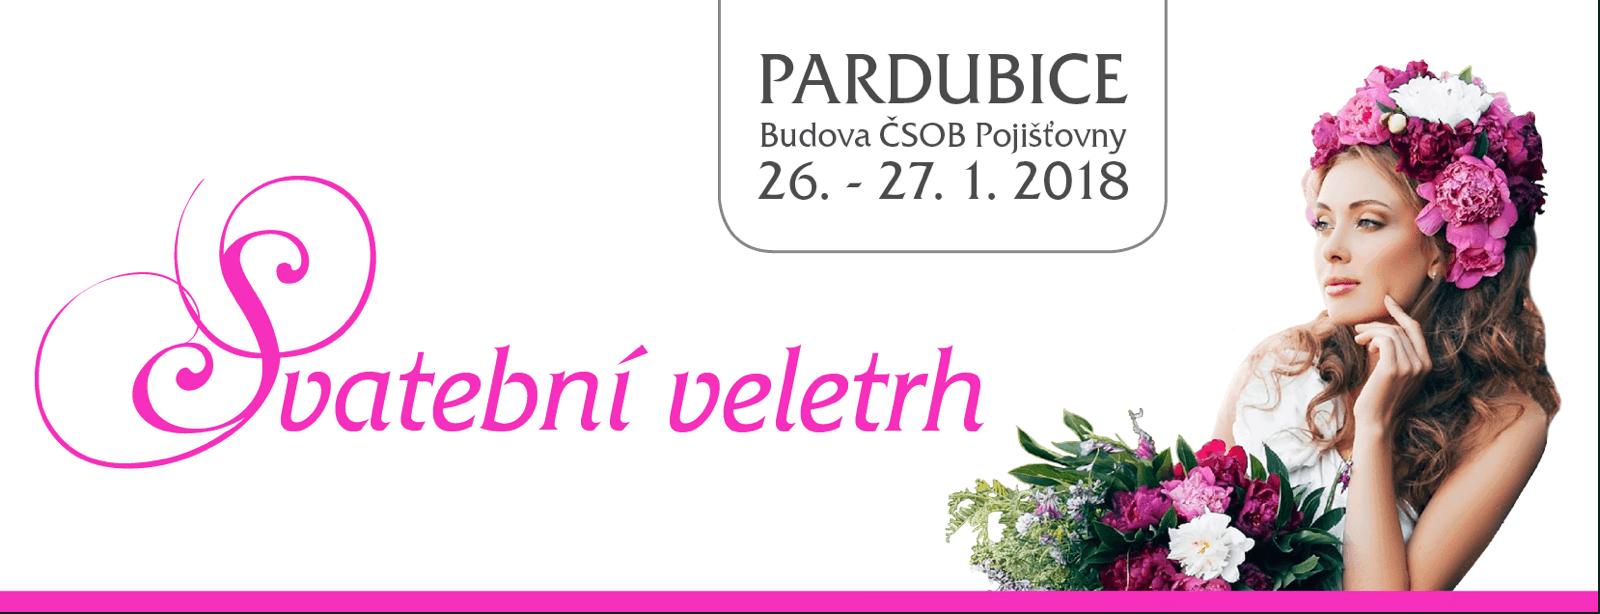 svatební veletrh Pardubice 26.-27.1.2018